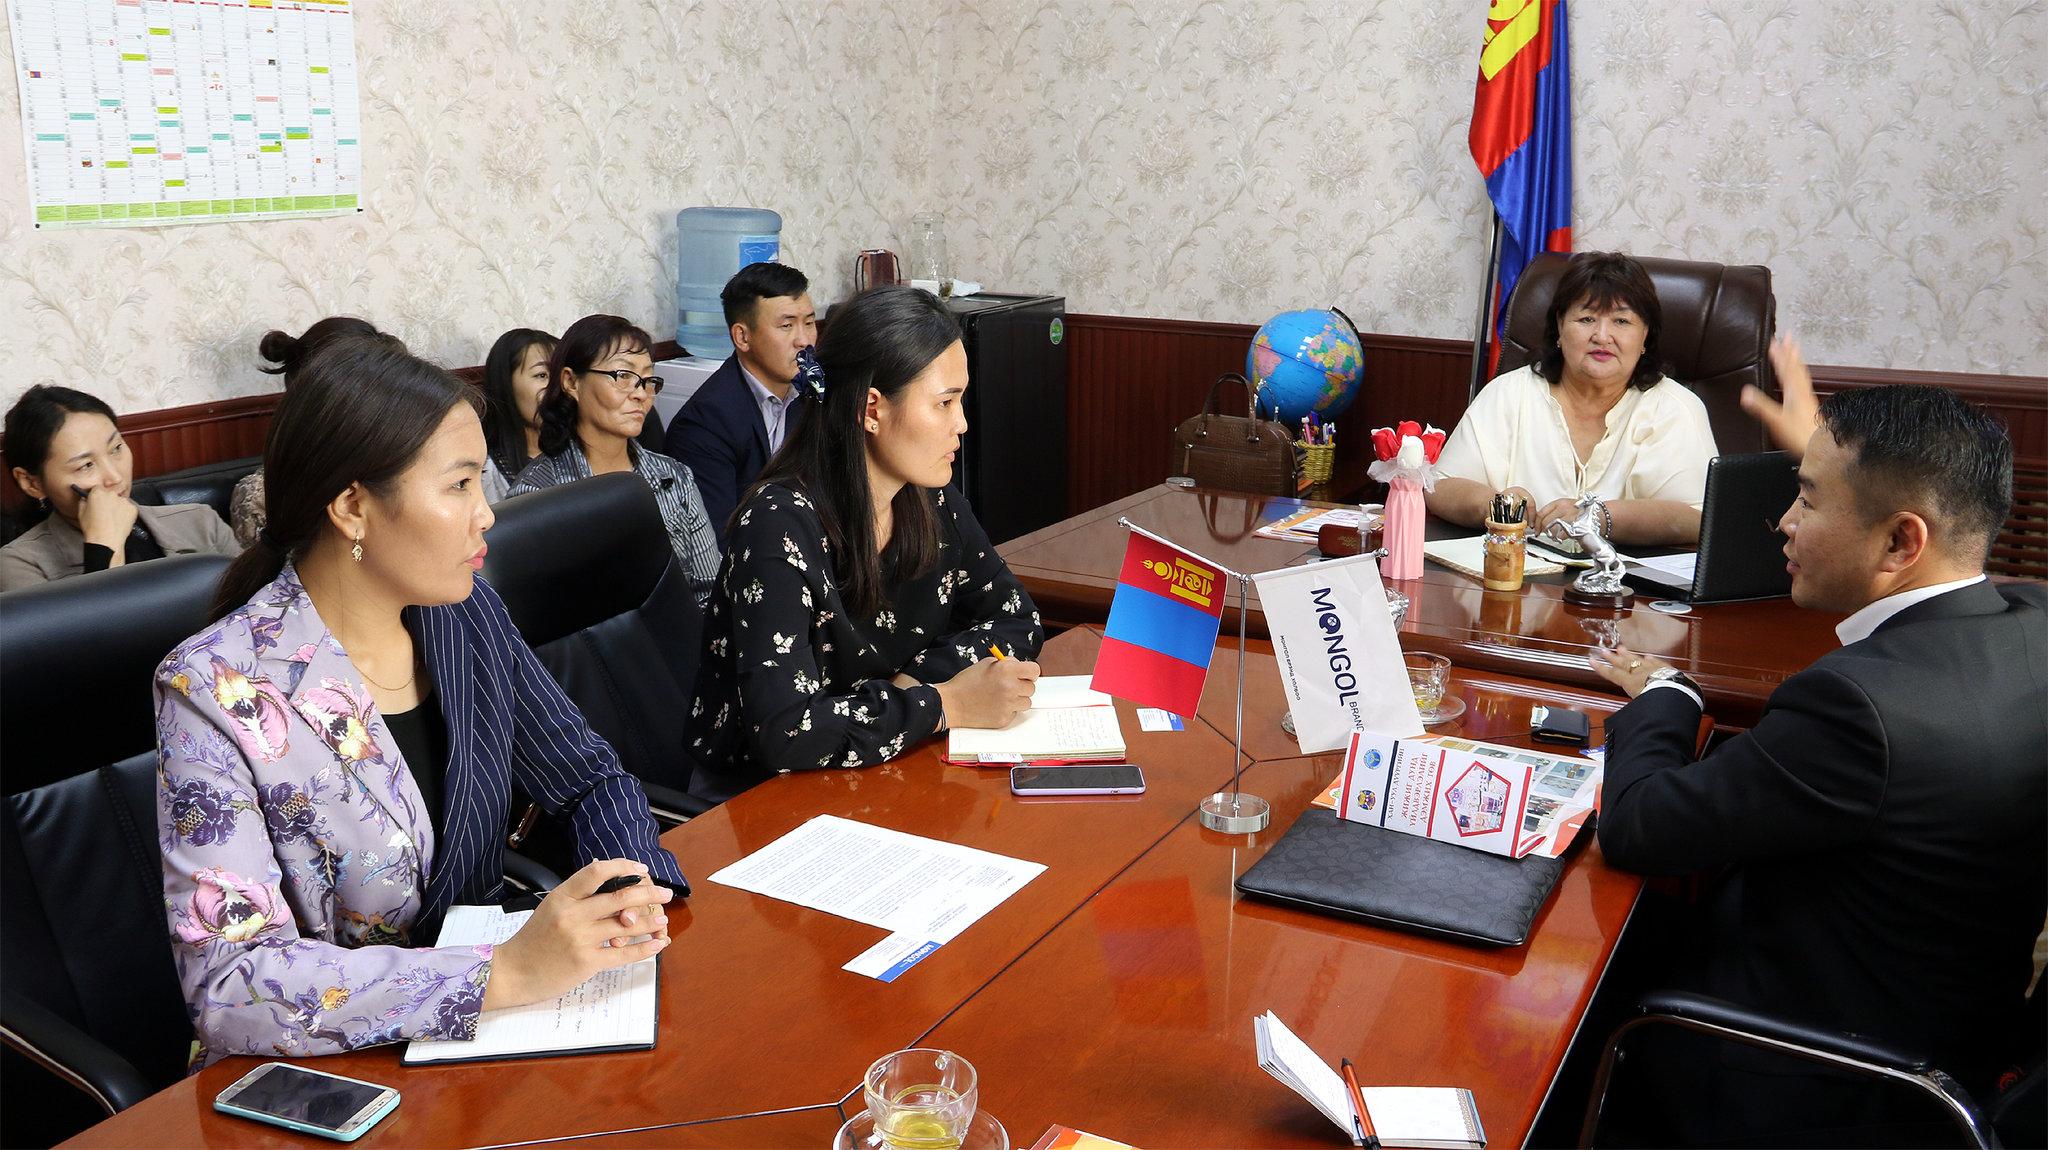 Хан-Уул дүүргийн жижиг дунд үйлдвэрийг дэмжих төвийн хамт олонтой уулзлаа